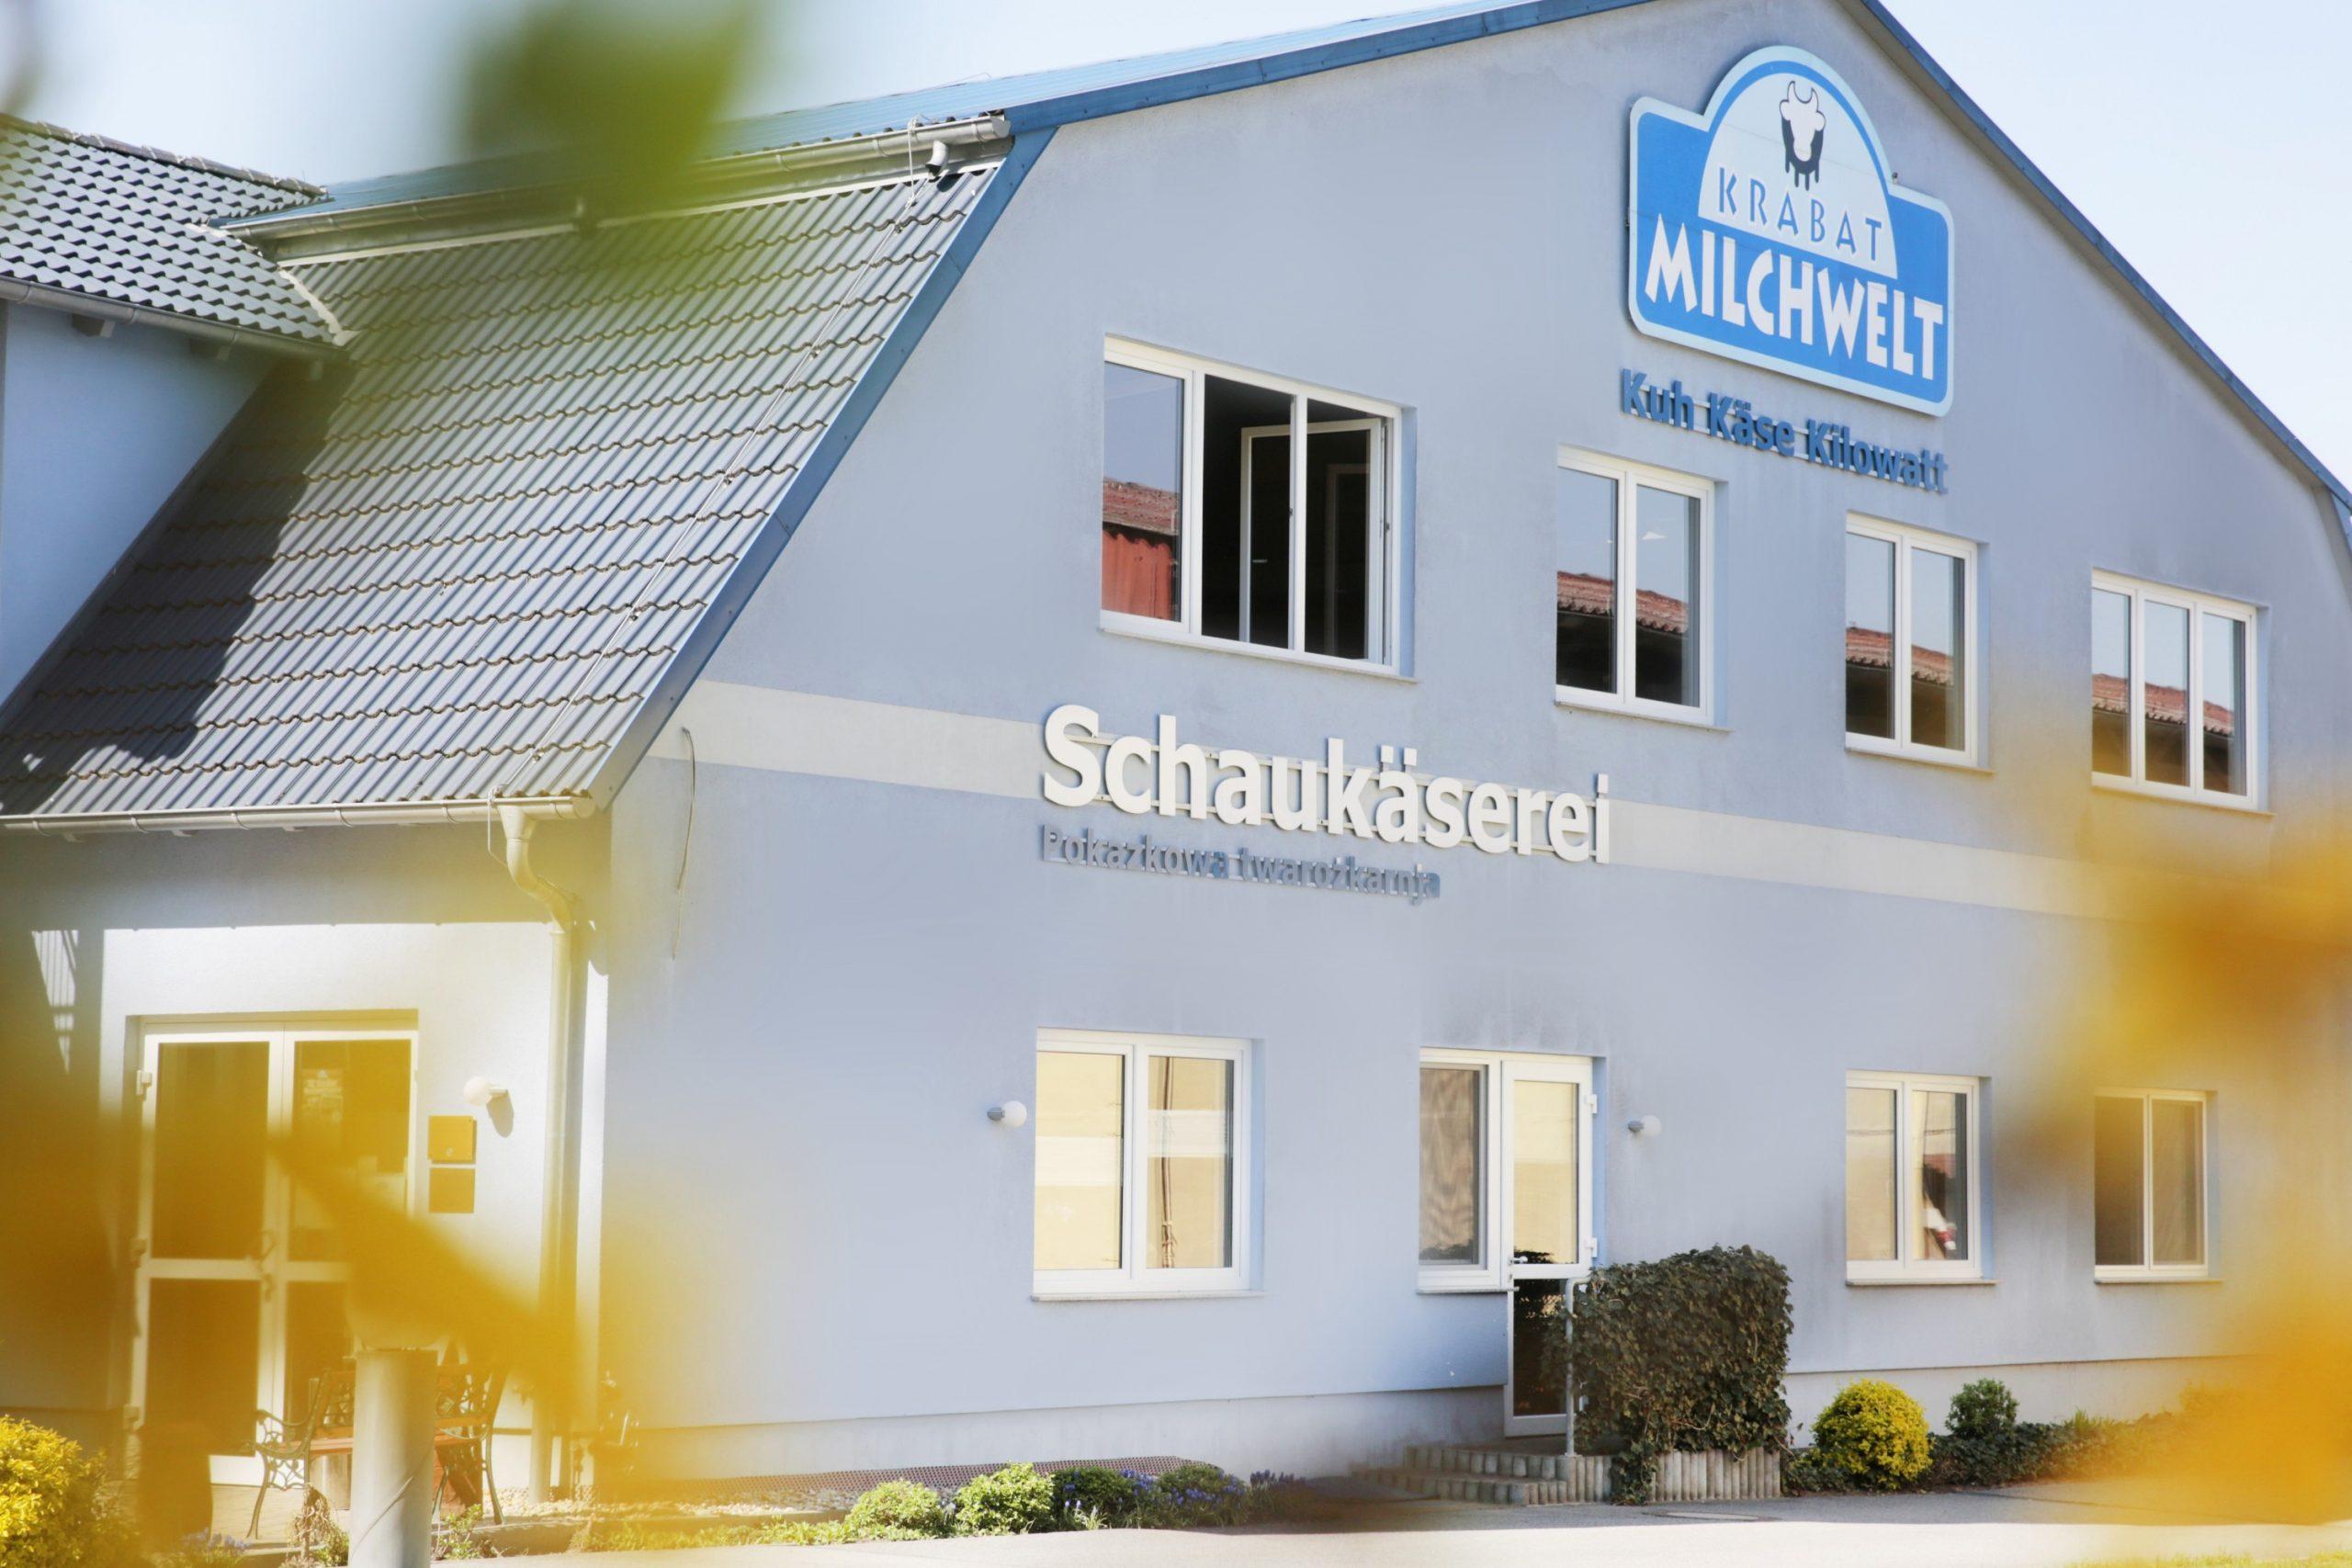 Die Krabat Milchwelt im Herzen der Lausitz. (Foto: Krabat Milchwelt)